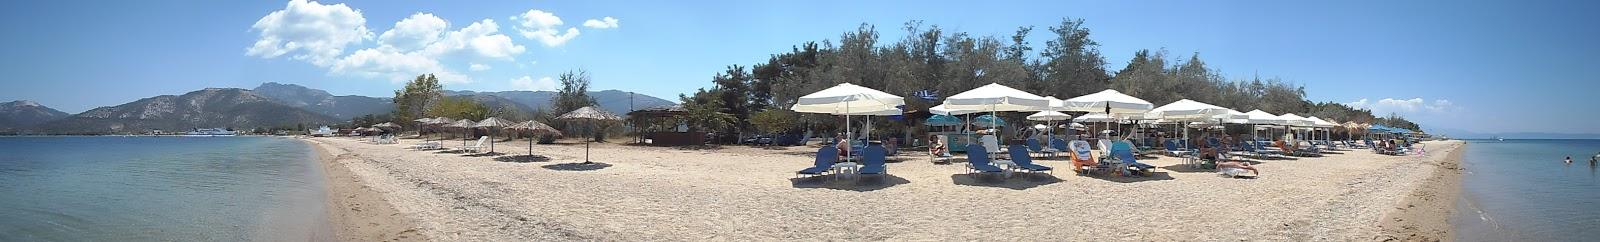 μια από τις πολλές όμορφες παραλίες της Θάσου